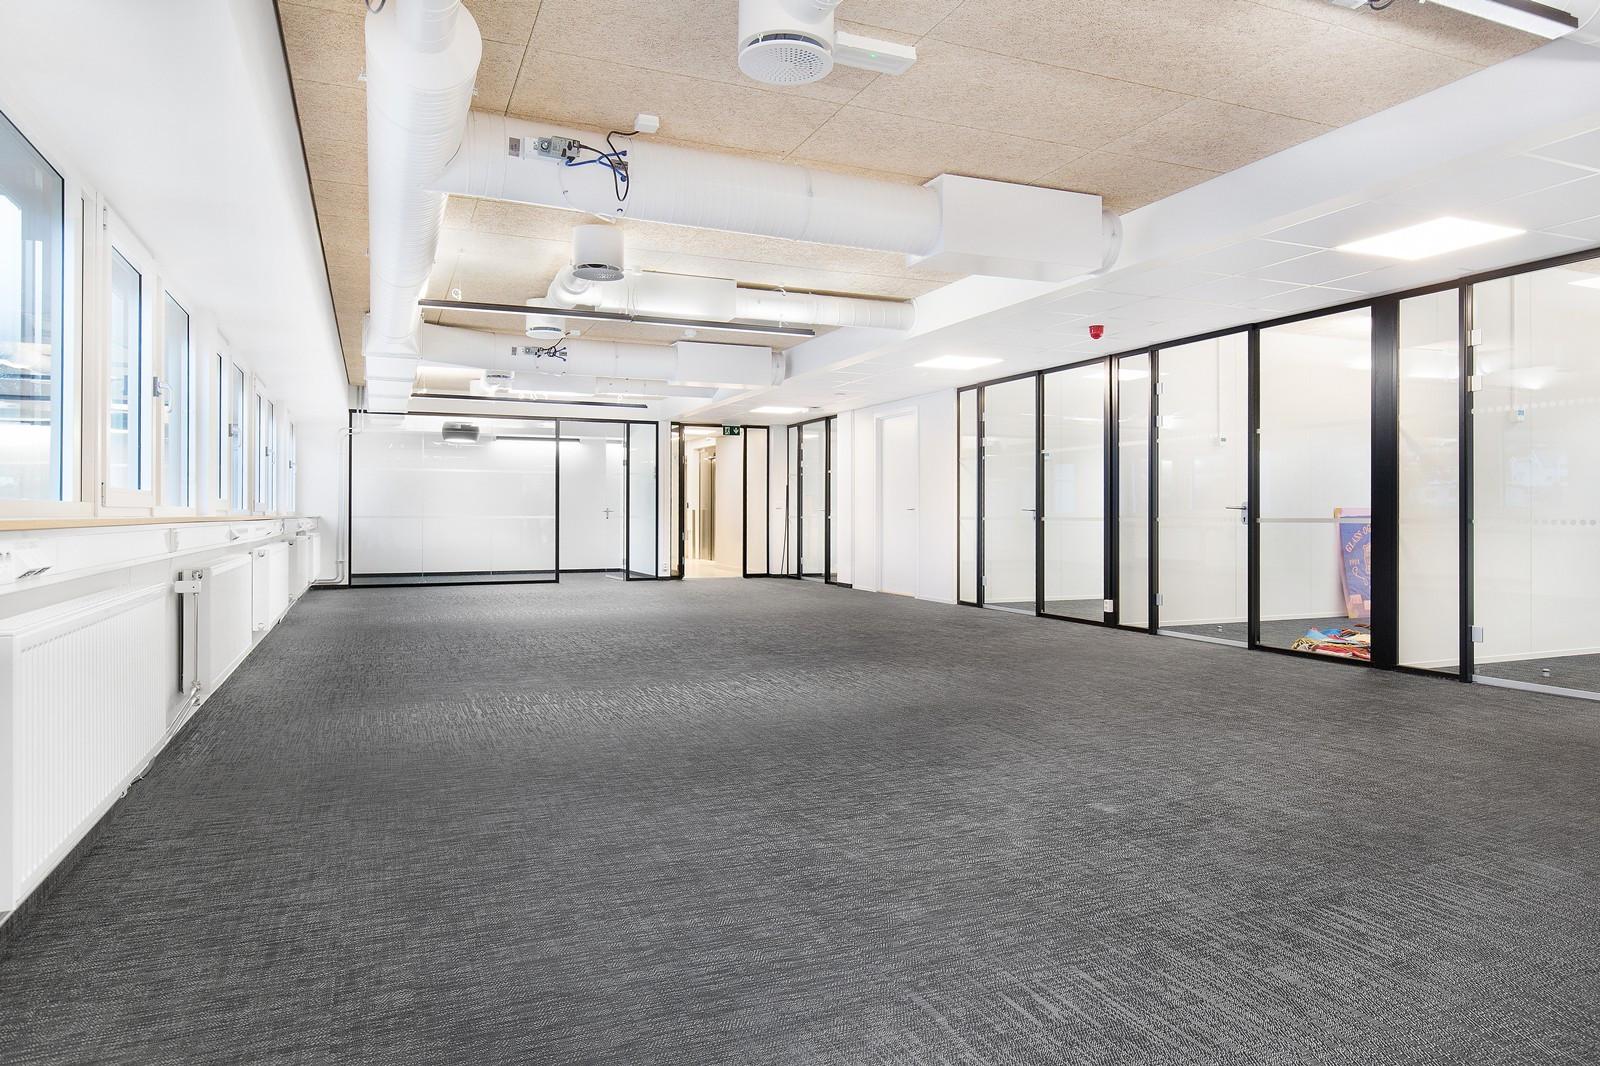 Nyinnredede kontorlokaler i 1. etg med moderne kvaliteter, sentralvarmeanlegg, ventilasjon m.v.